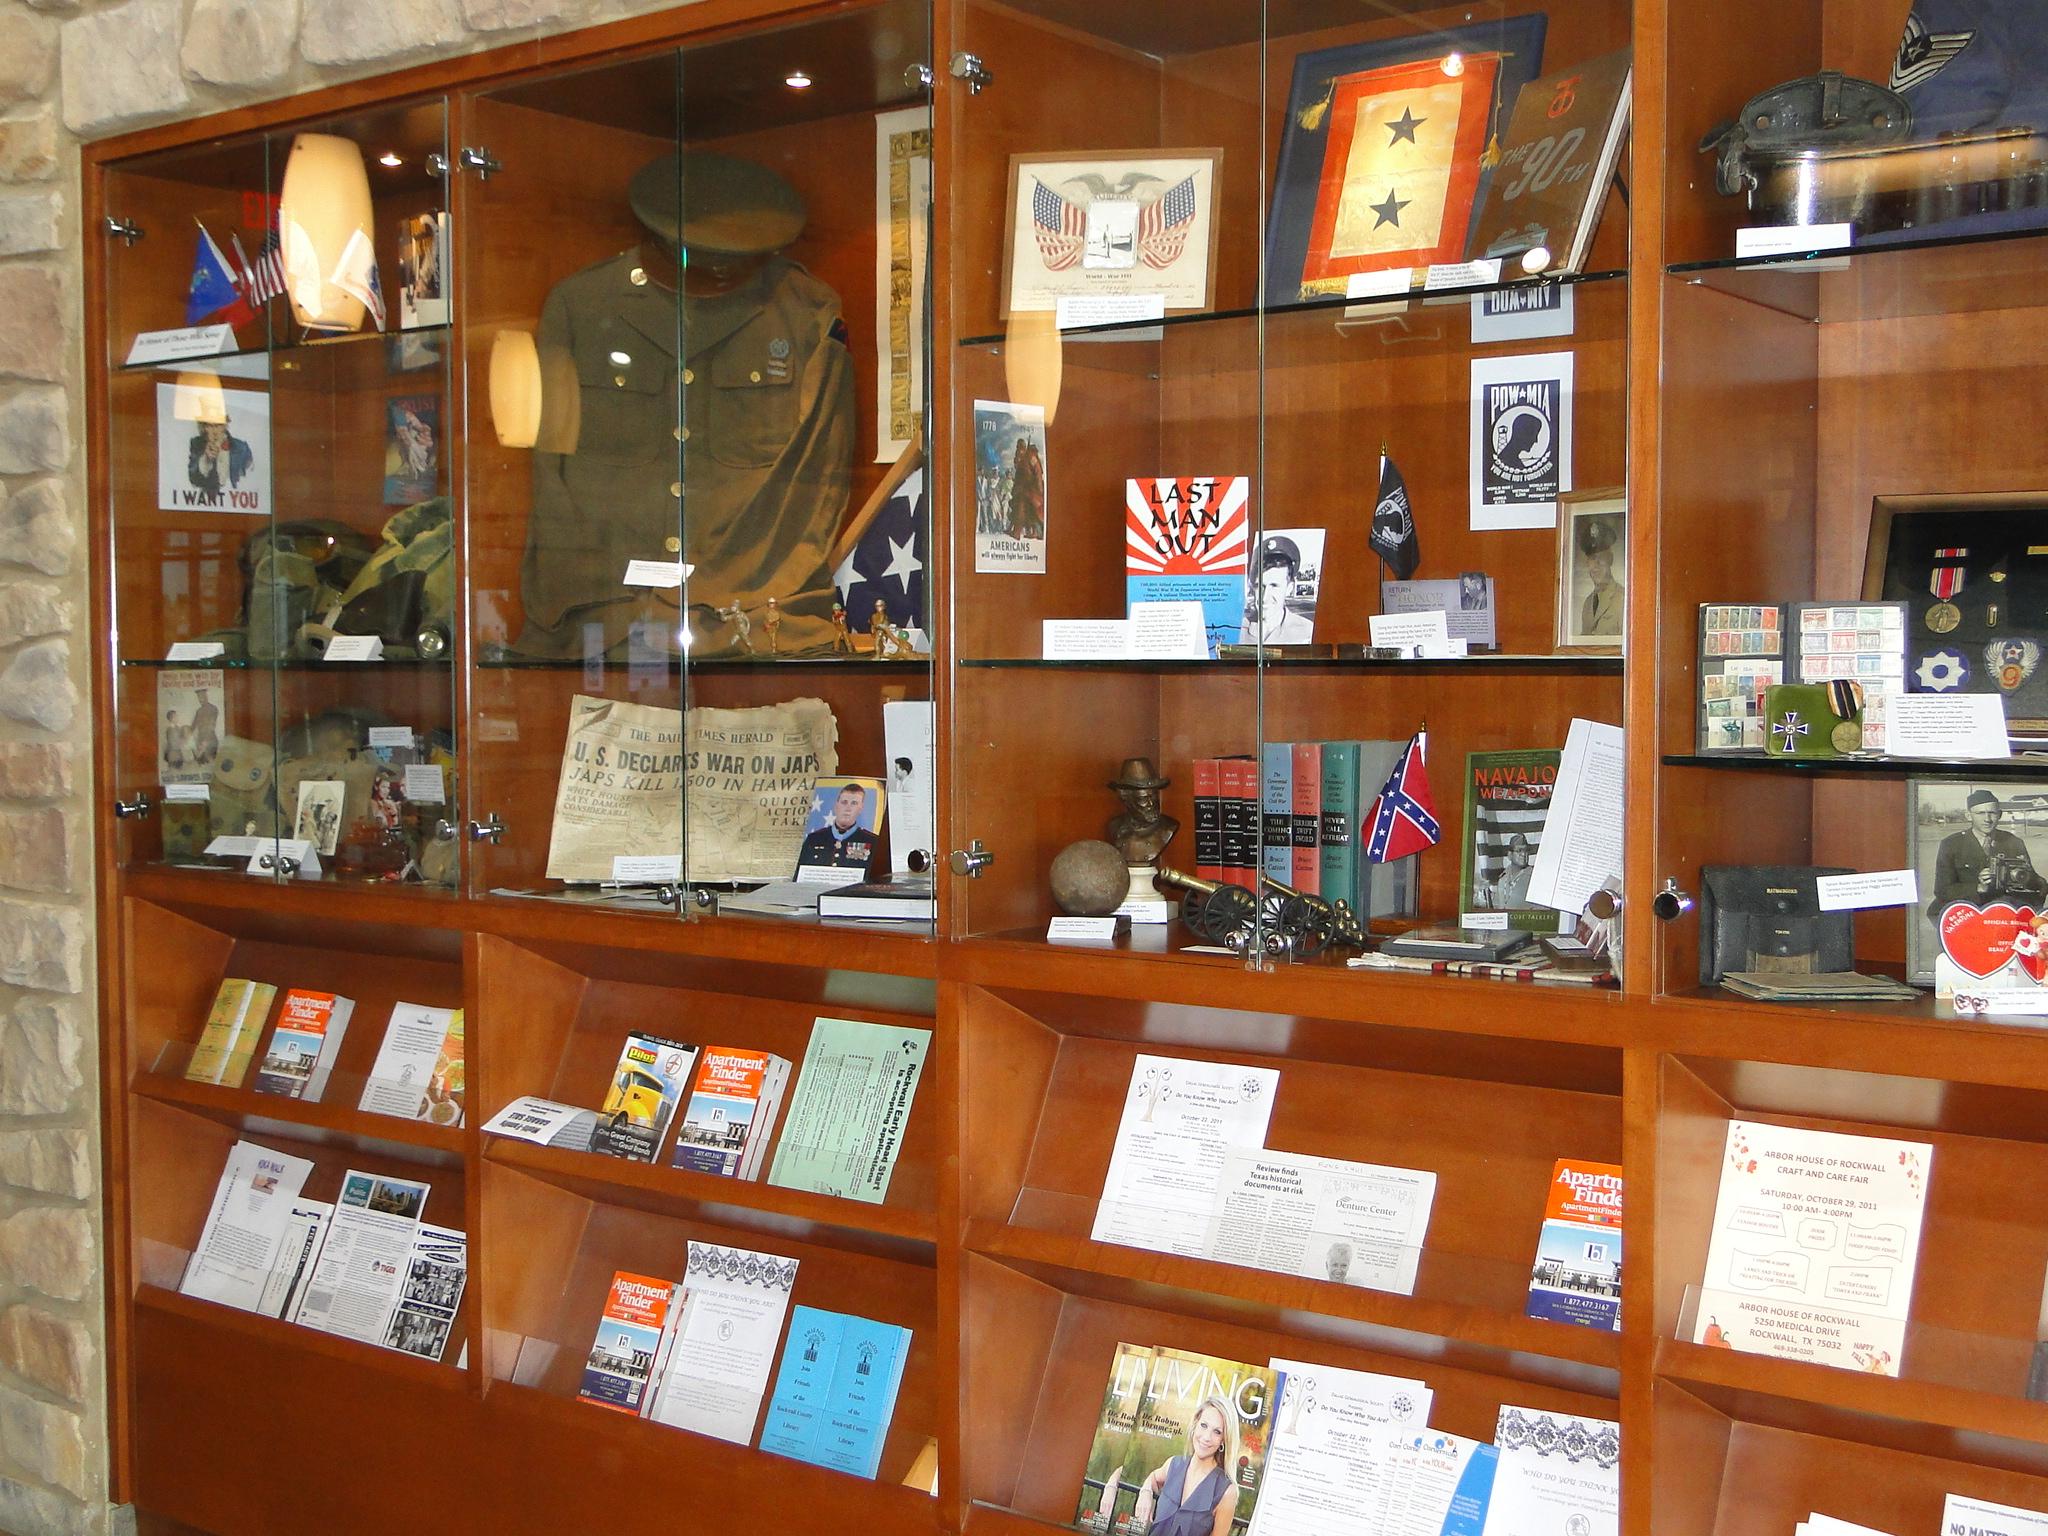 War memorabilia on display, veterans honored